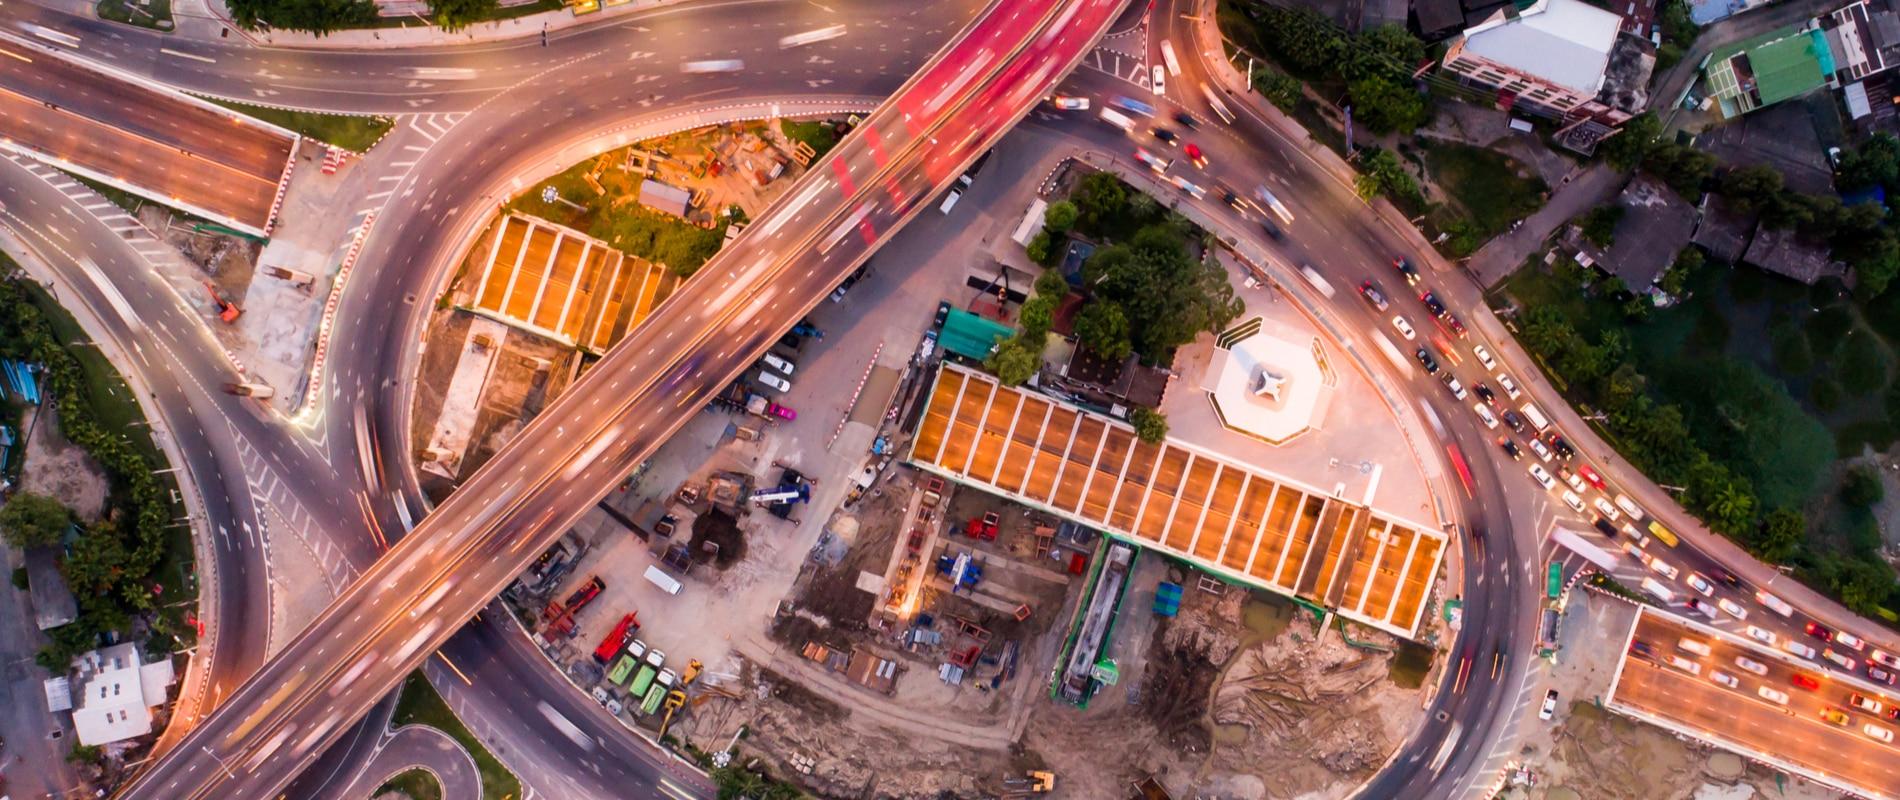 carretera-coches-ciudad-trafico-bbva